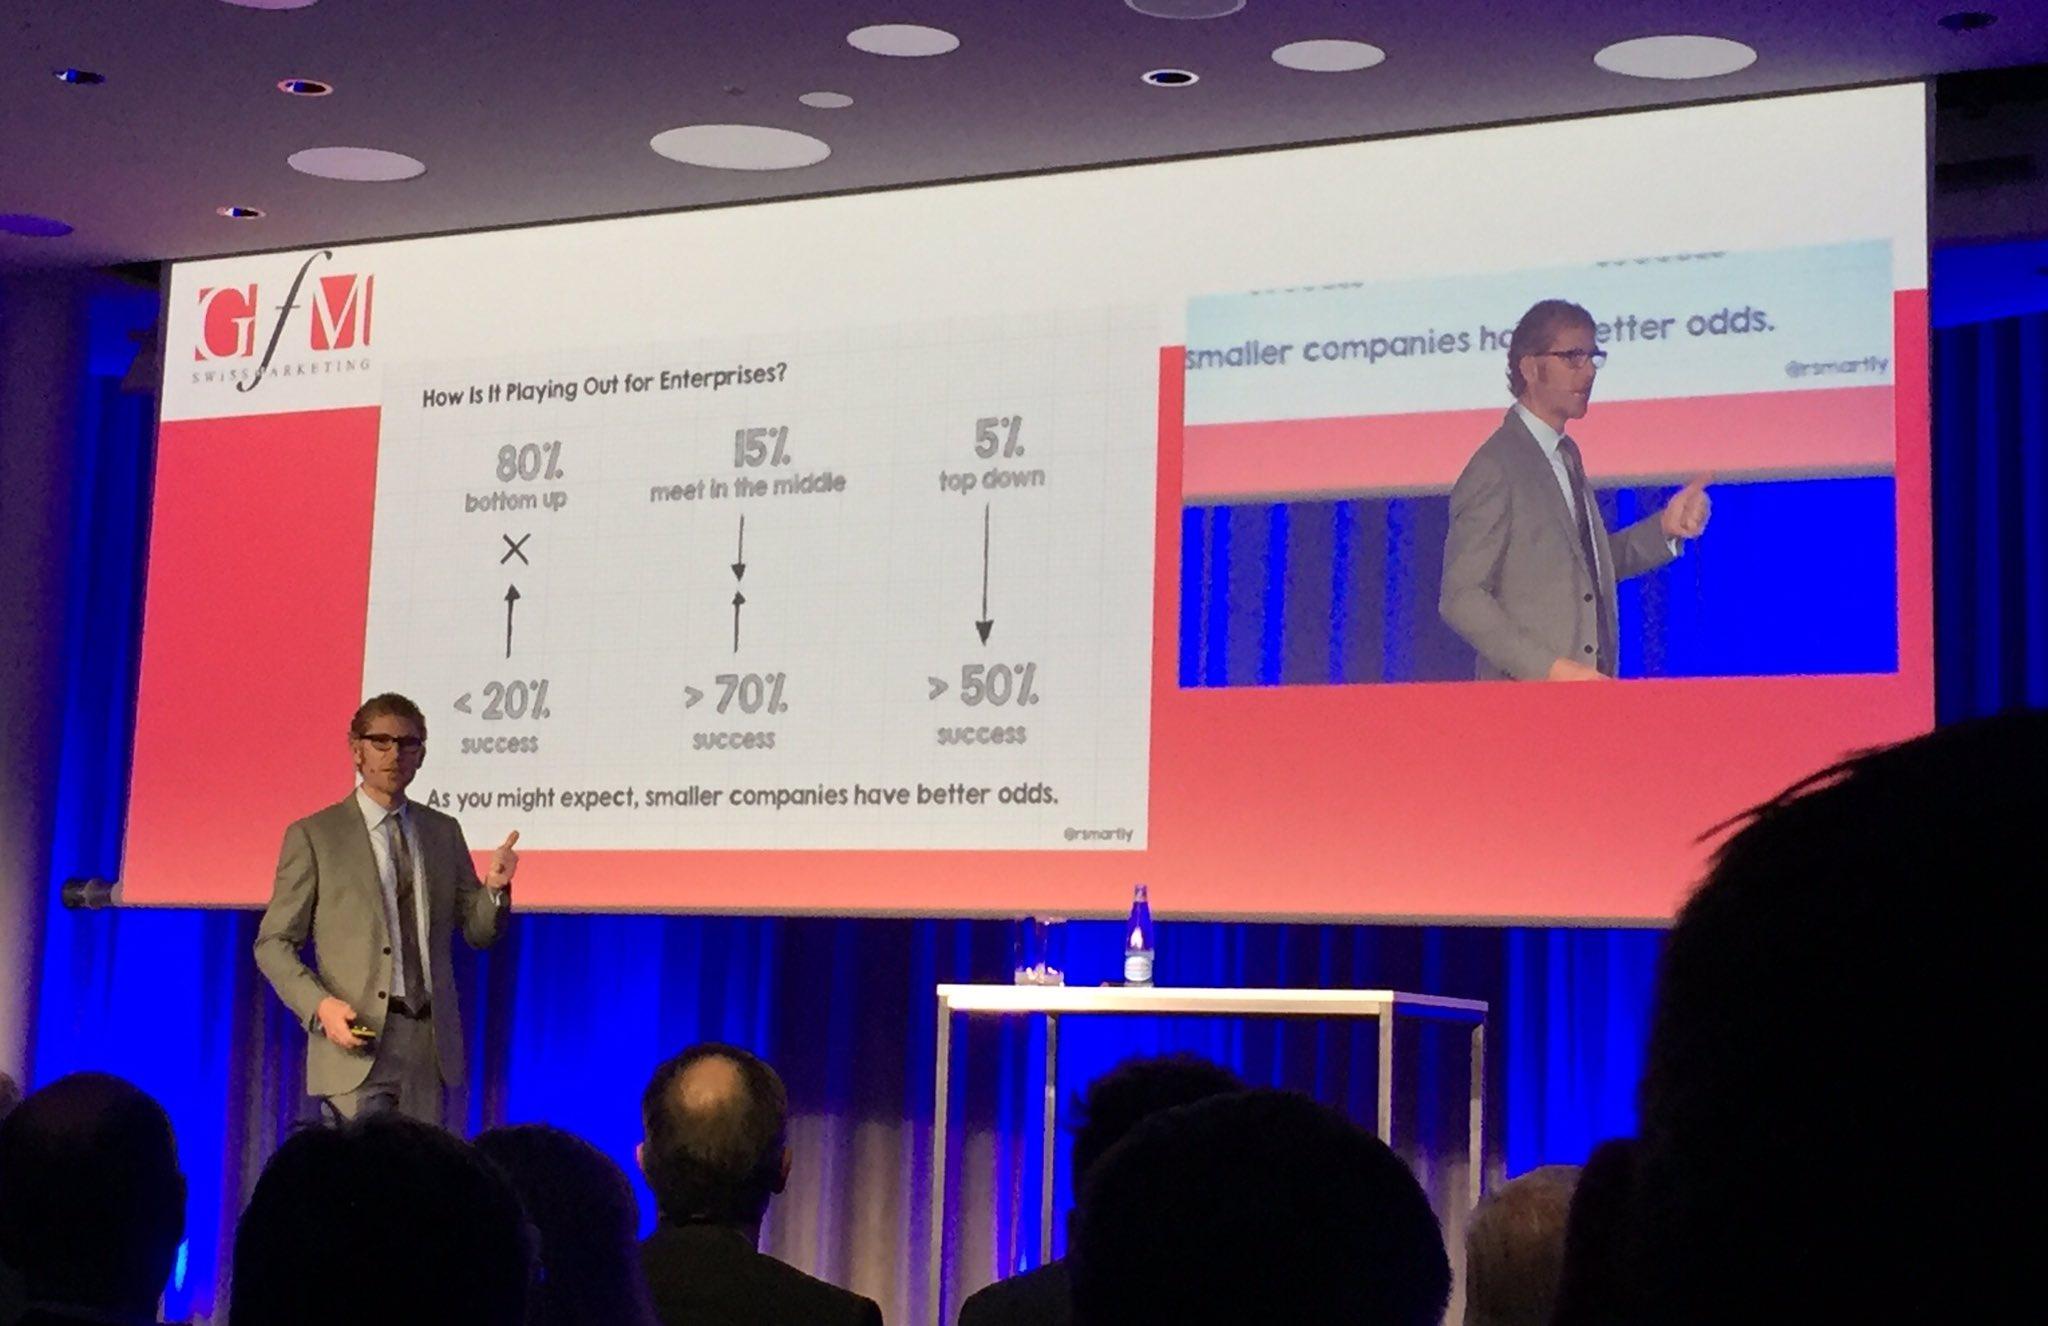 Roland Smart, VP Social & Community Marketing talking about agile marketing at GfM Trendtagung @gfmsocial#GfMAgility https://t.co/tfkGGV7czu